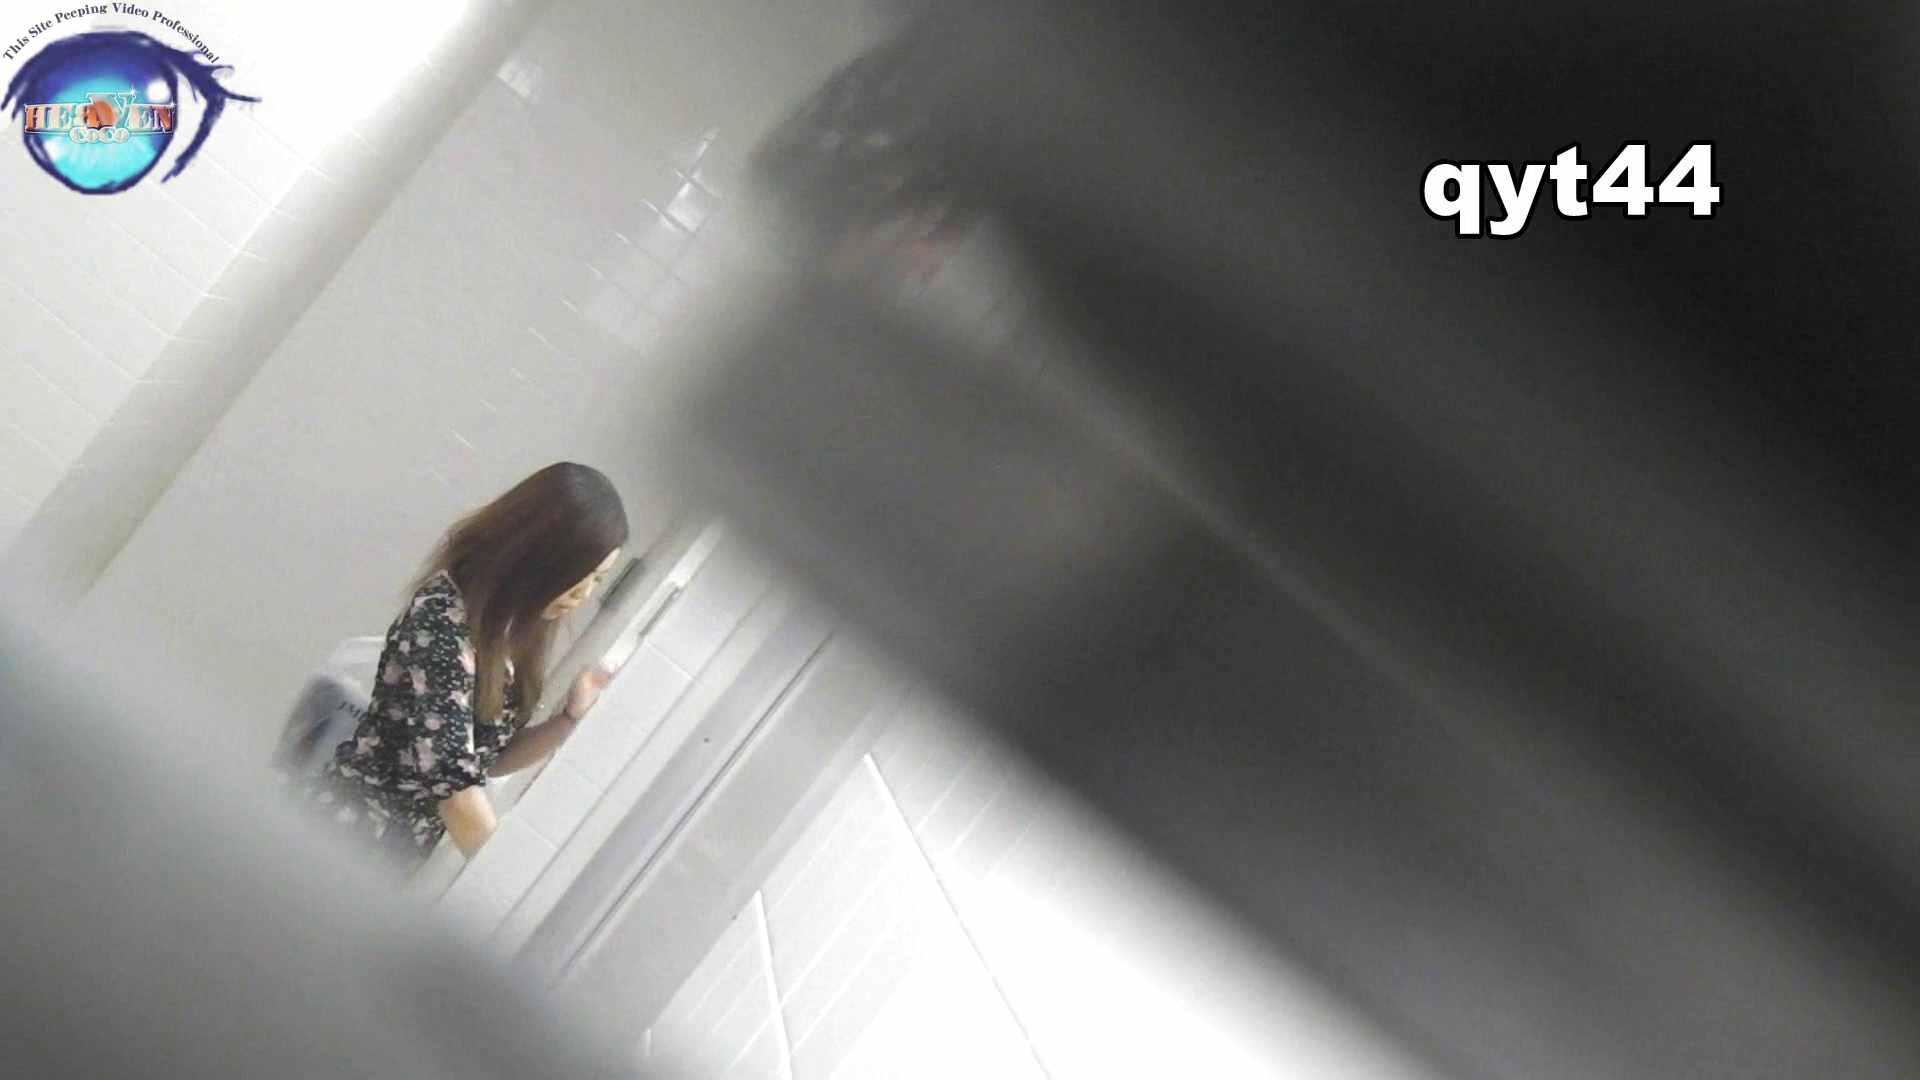 【お銀さんの「洗面所突入レポート!!」】お銀さんの「洗面所突入レポート!!」 vol.44 今回も攻めます HなOL | 洗面所  102pic 80